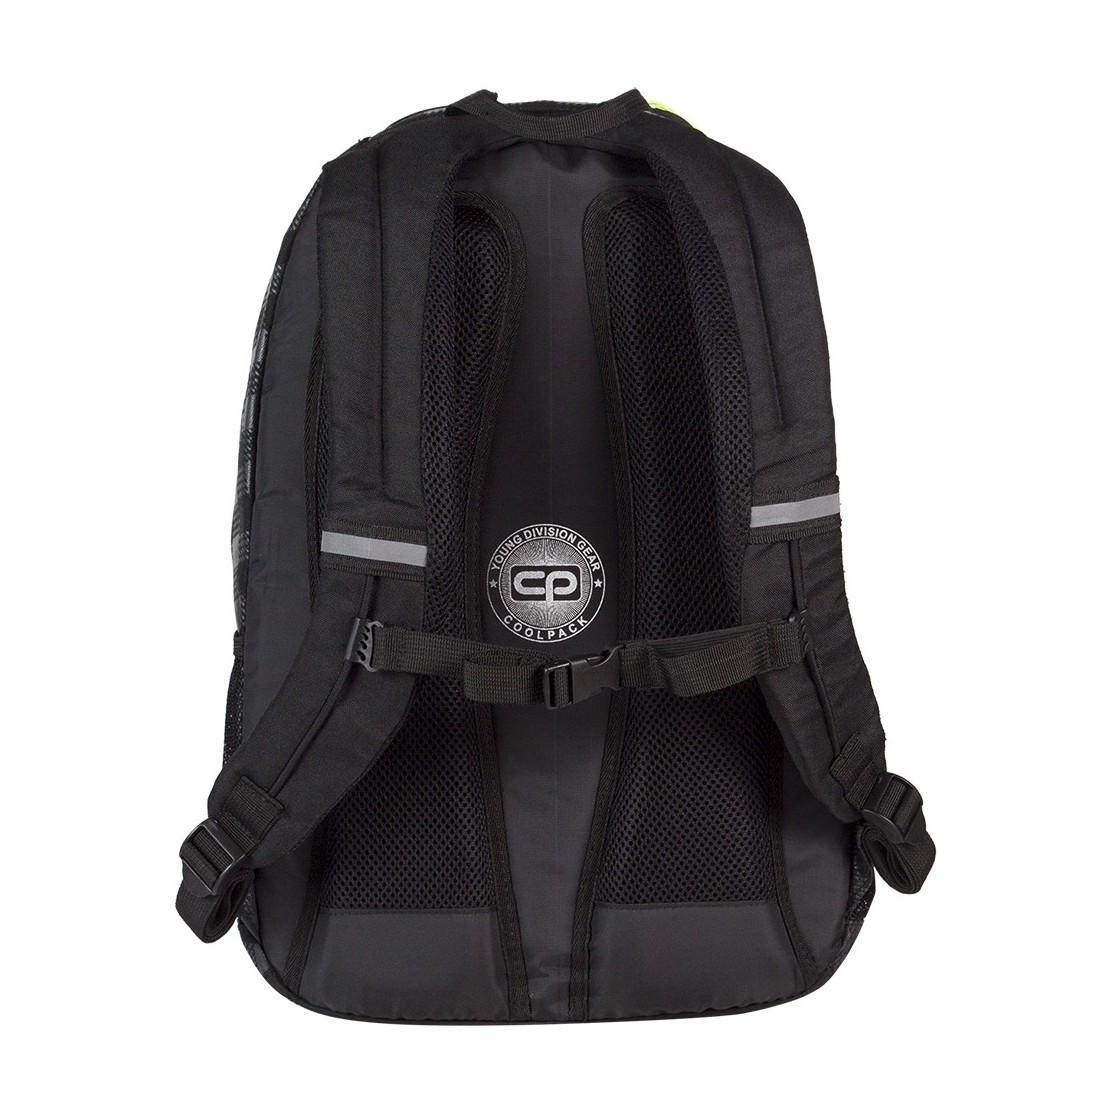 Plecak młodzieżowy na laptop CoolPack CP czarny w kratkę + żółte wstawki URBAN BLACK & YELLOW 412 - plecak-tornister.pl